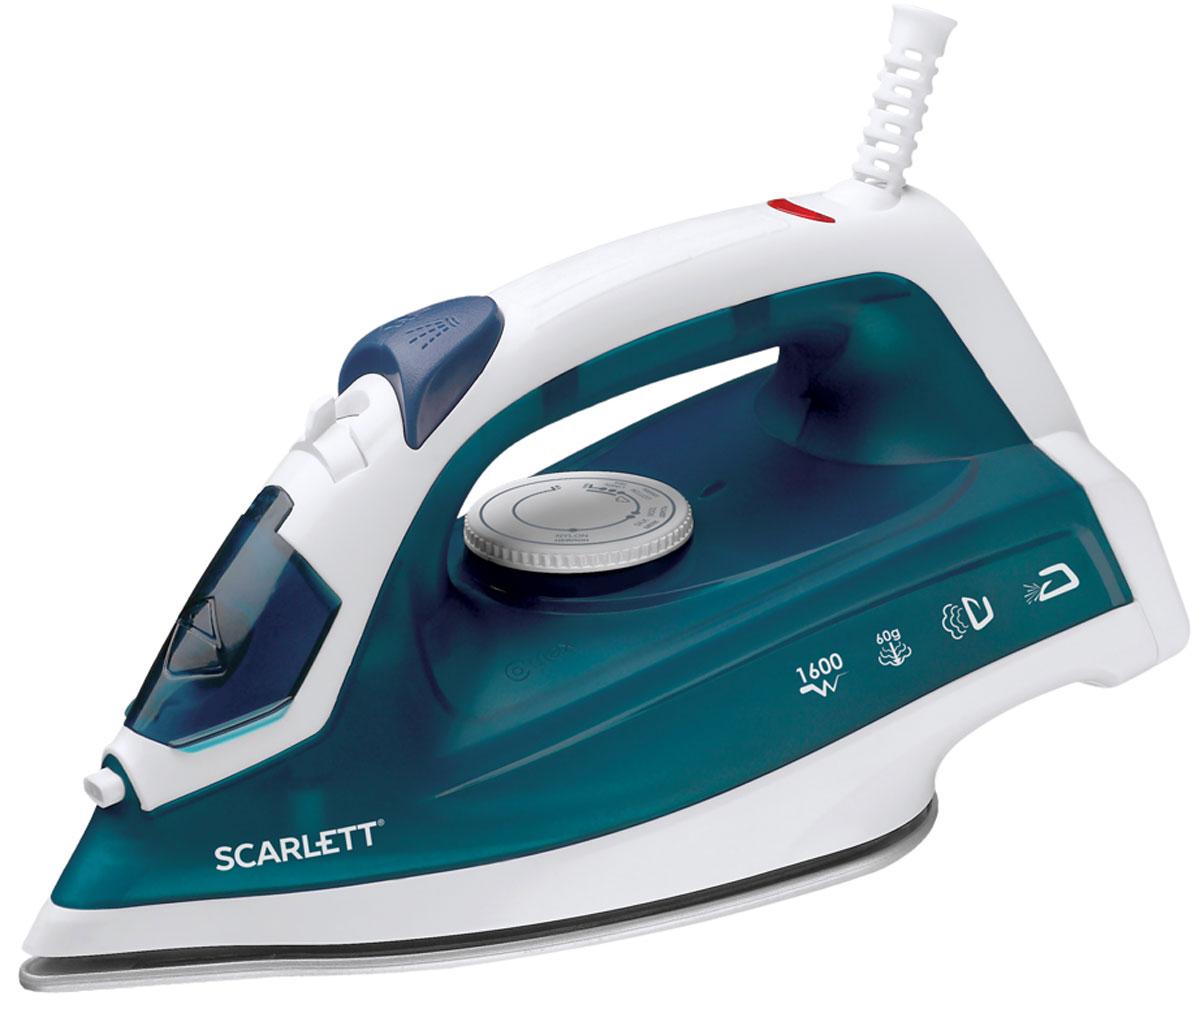 Scarlett SC-SI30P07, Dark Green утюгSC-SI30P07Утюг Scarlett SC-SI30P07 приятно порадует легким скольжением и увеличенным количеством паровых отверстий (43 реальных паровых отверстия). Это позволяет быстро и максимально аккуратно проглаживать различные виды ткани. Данная модель имеет плавную регулировку, позволяющую эффективно справляться с деликатной одеждой. Предусматривается вместительный резервуар для воды на 200 мл. Подошва SimplePro имеет повышенные антипригарные свойства, быстро нагревается и не требует сложного ухода. Она оснащена удобным желобком для пуговиц.